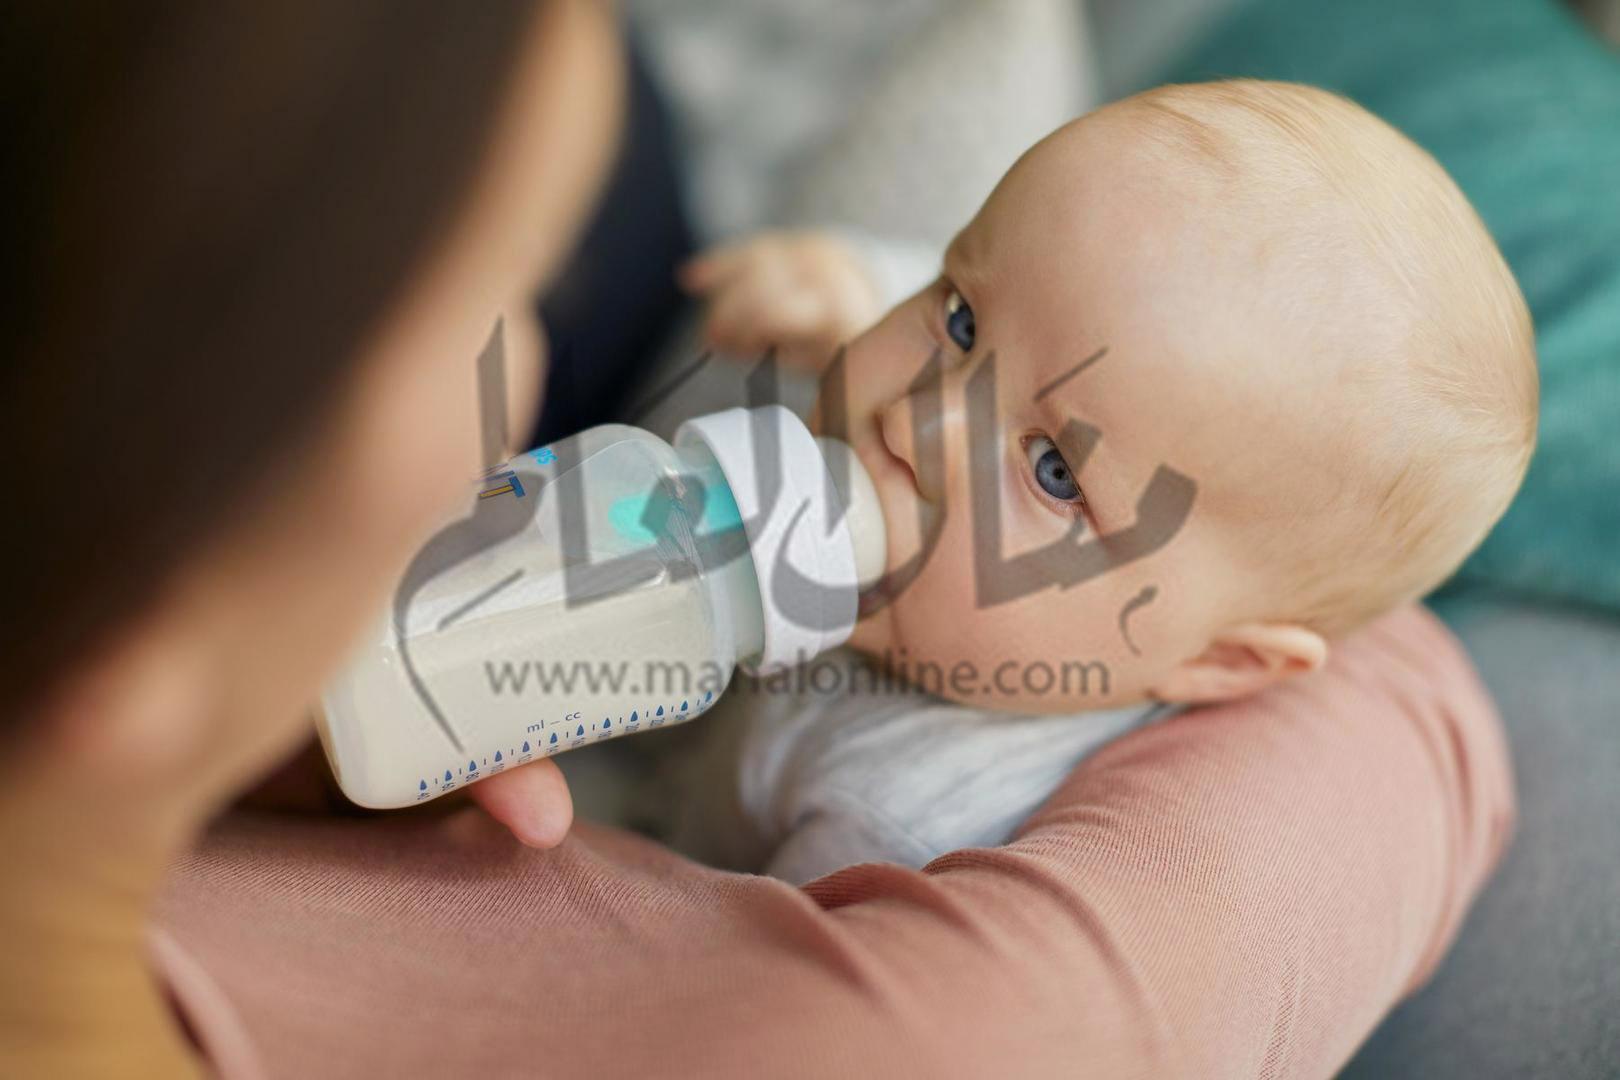 أيهما أفضل للأطفال الحليب قليل الدسم أم كامل الدسم ؟ - المشاهدات : 355